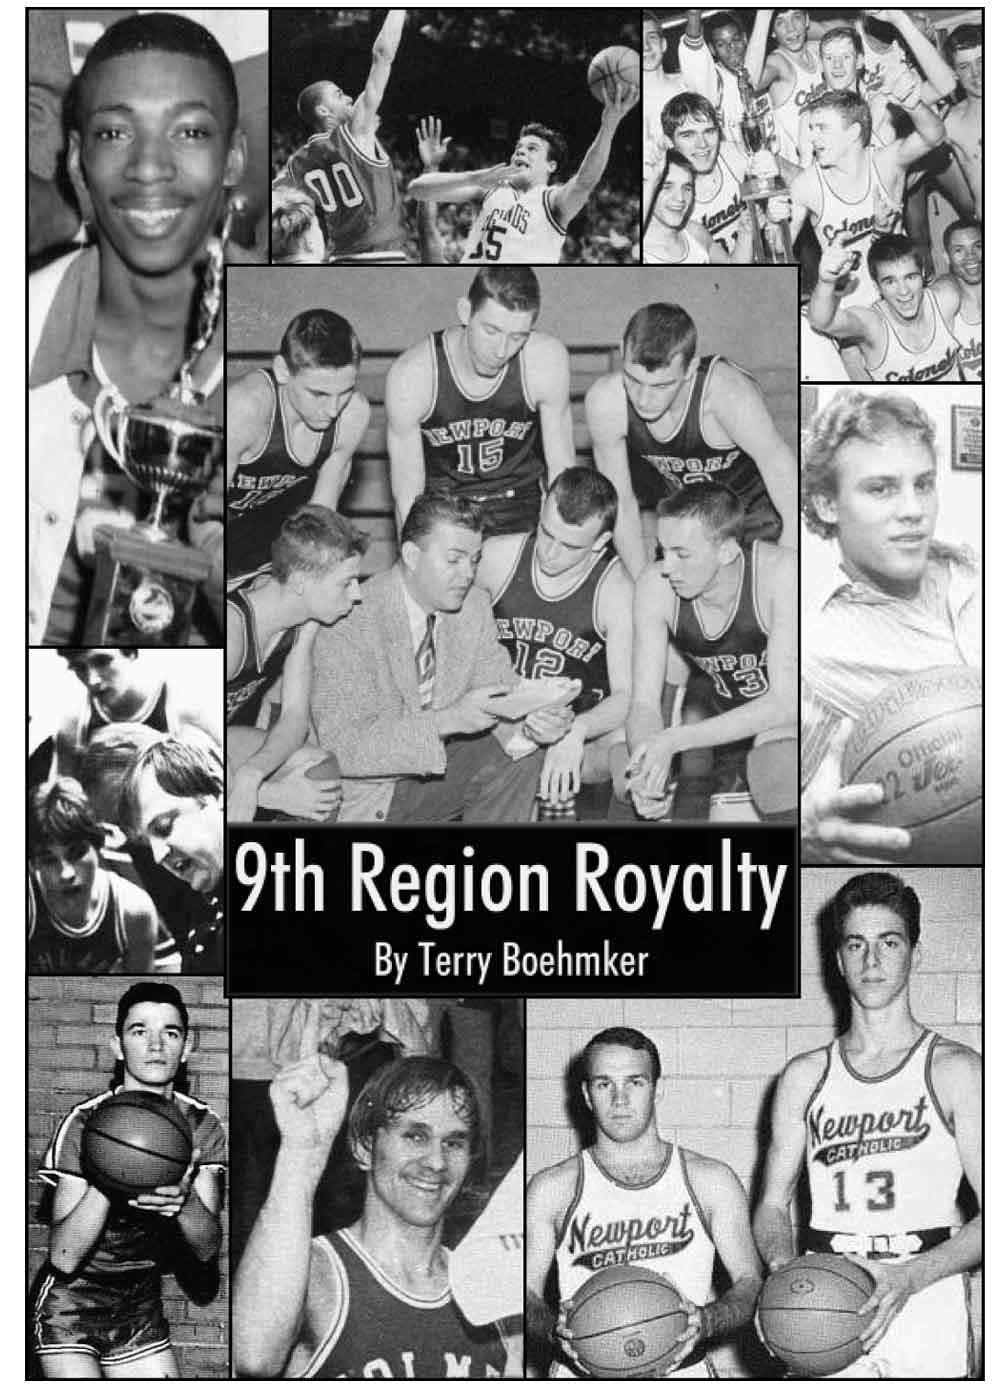 9th region royalty